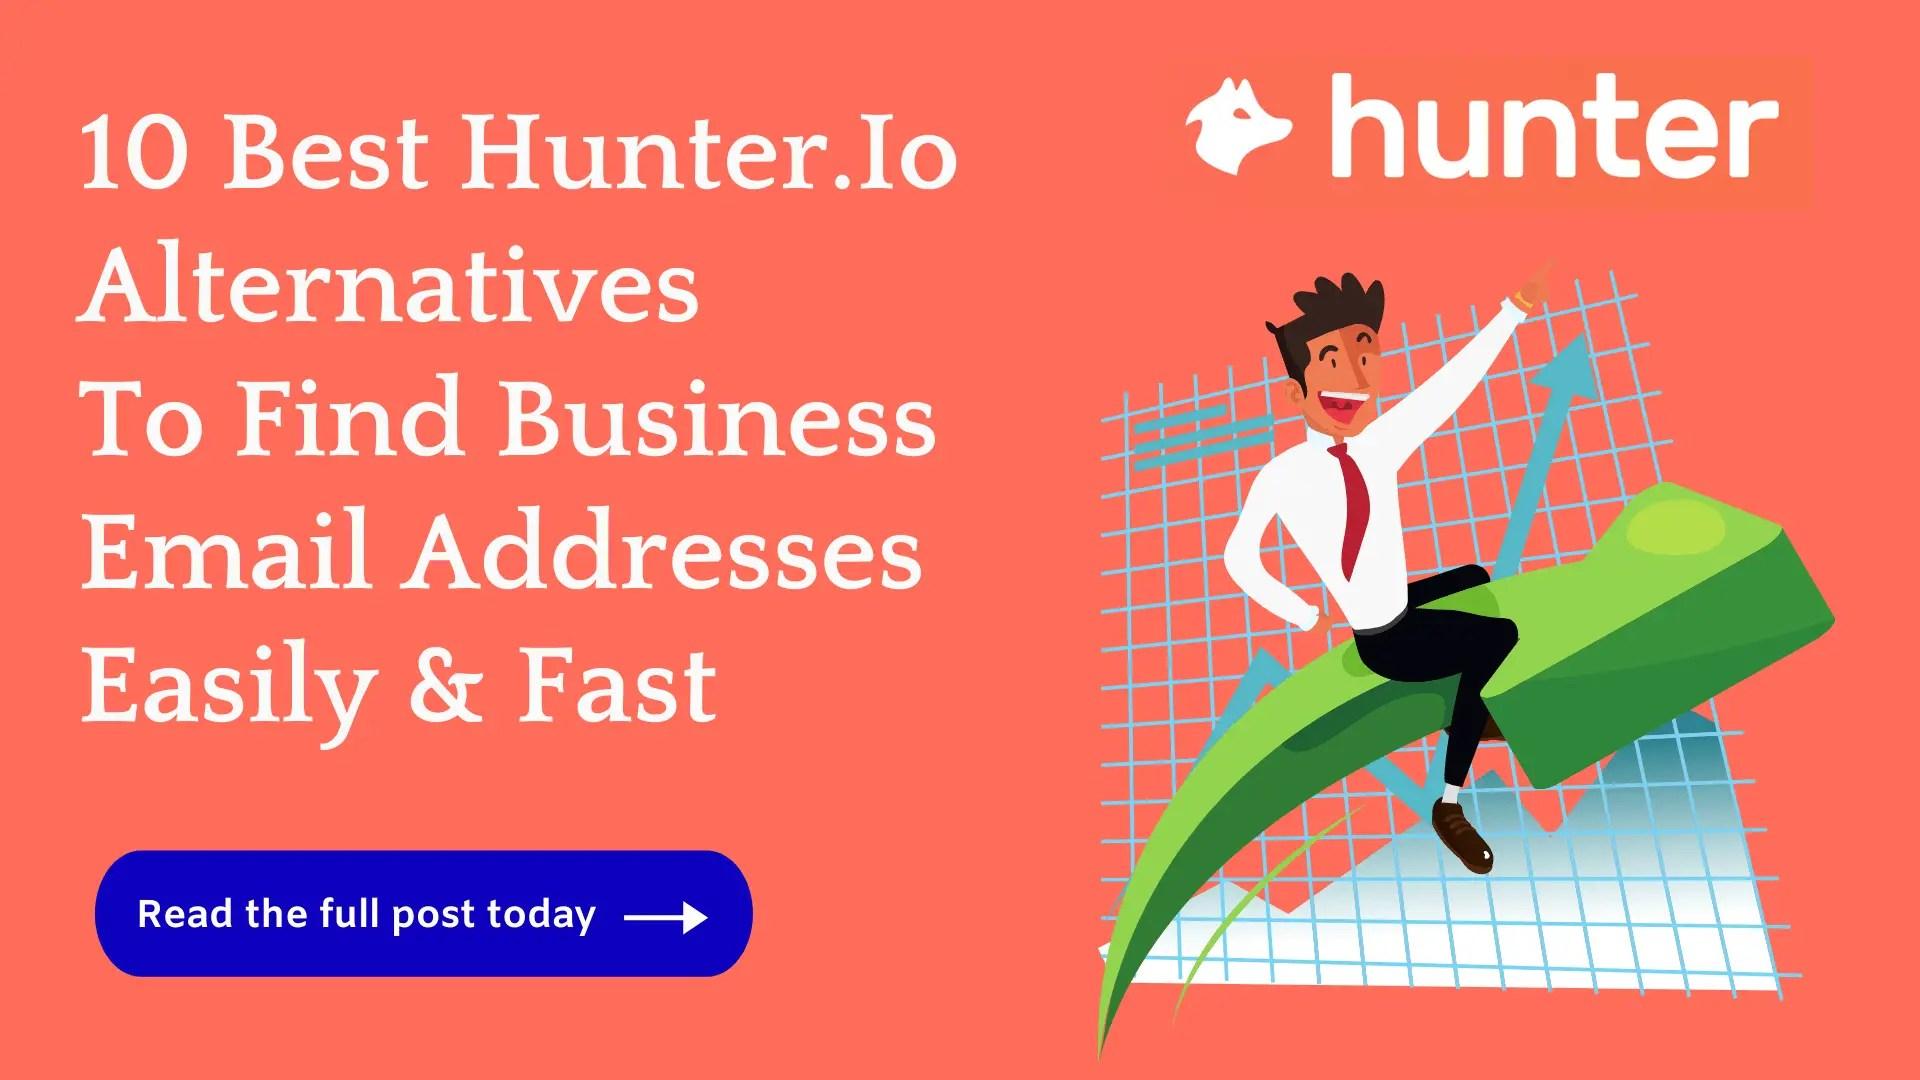 10 Best Hunter.Io Alternatives.